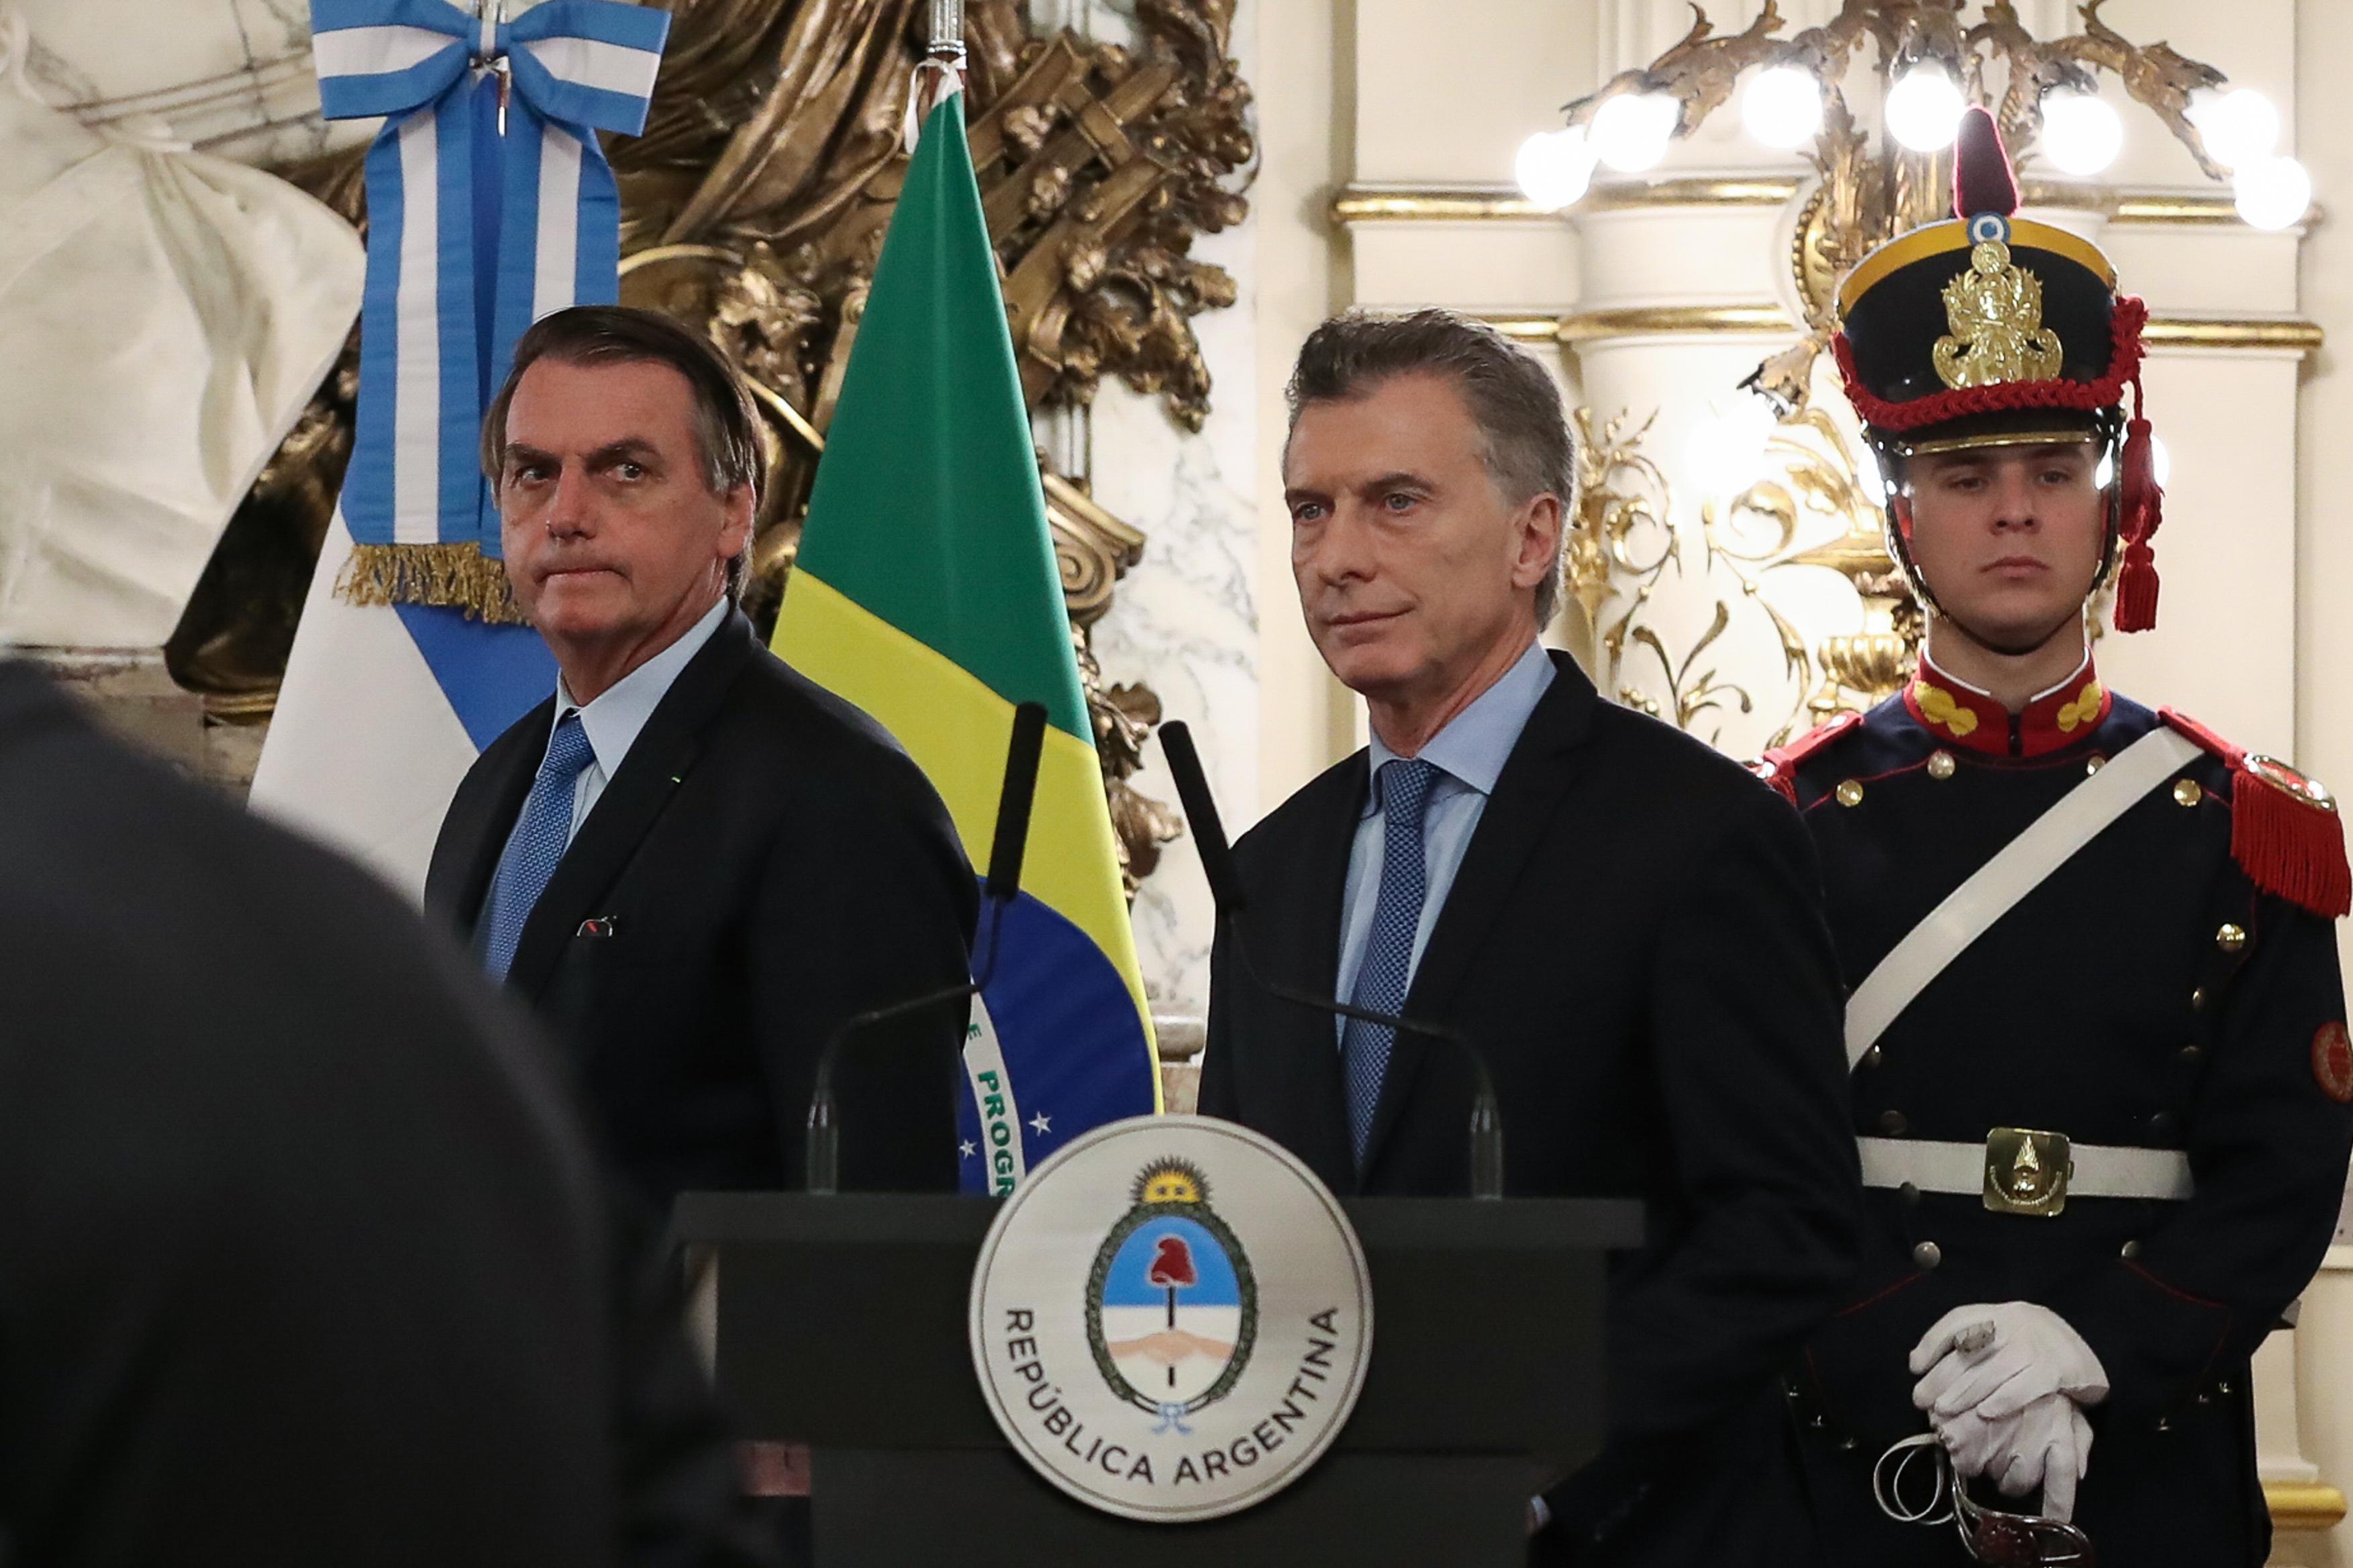 IMAGEM: Acordo Brasil-Argentina prevê livre comércio automotivo só em 2029